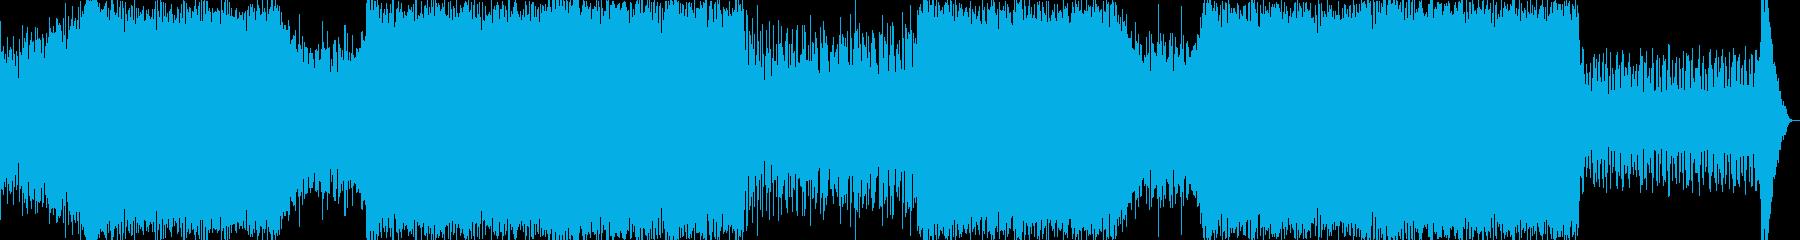 探索系の曲【RPG、シューティング、シ…の再生済みの波形